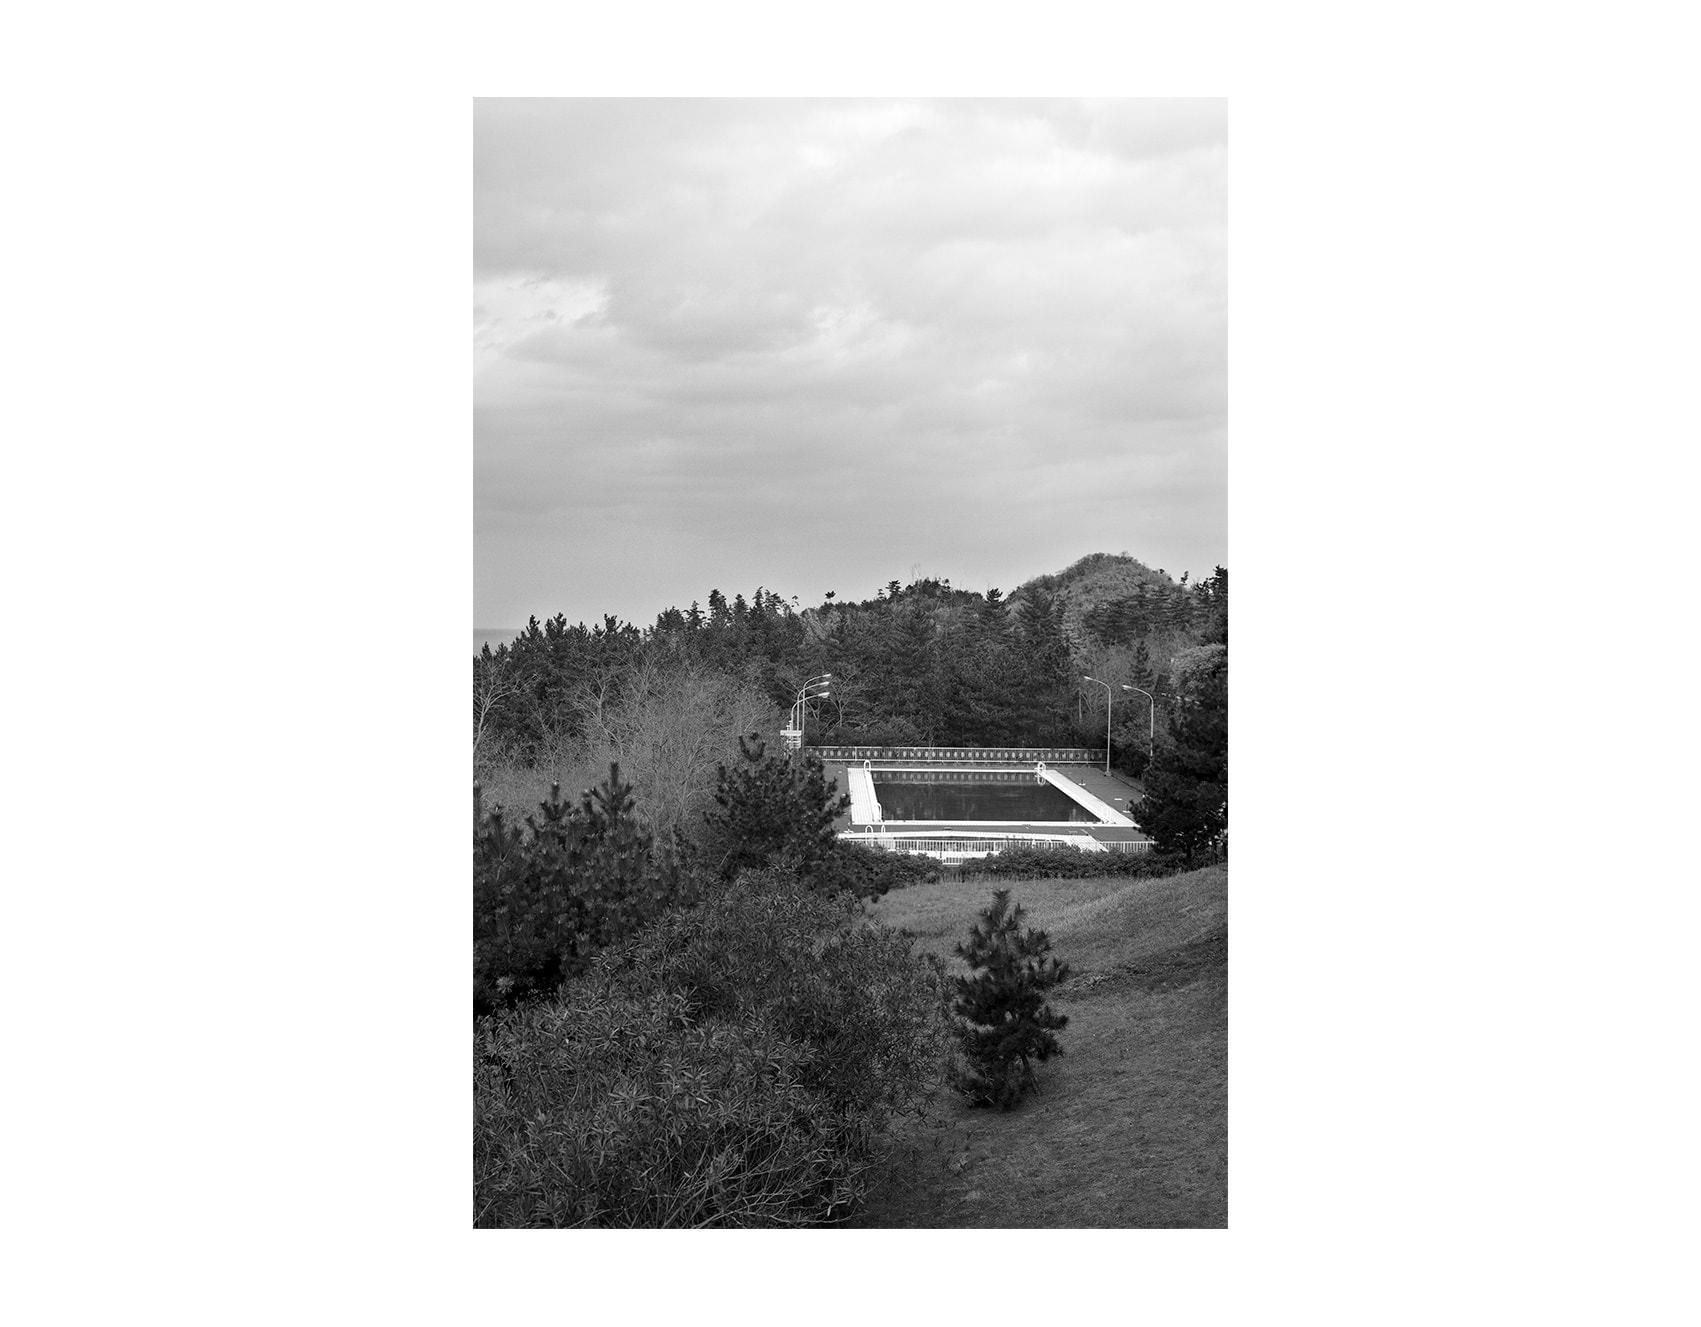 DJWFolio-Photography_PicturesToProve_2